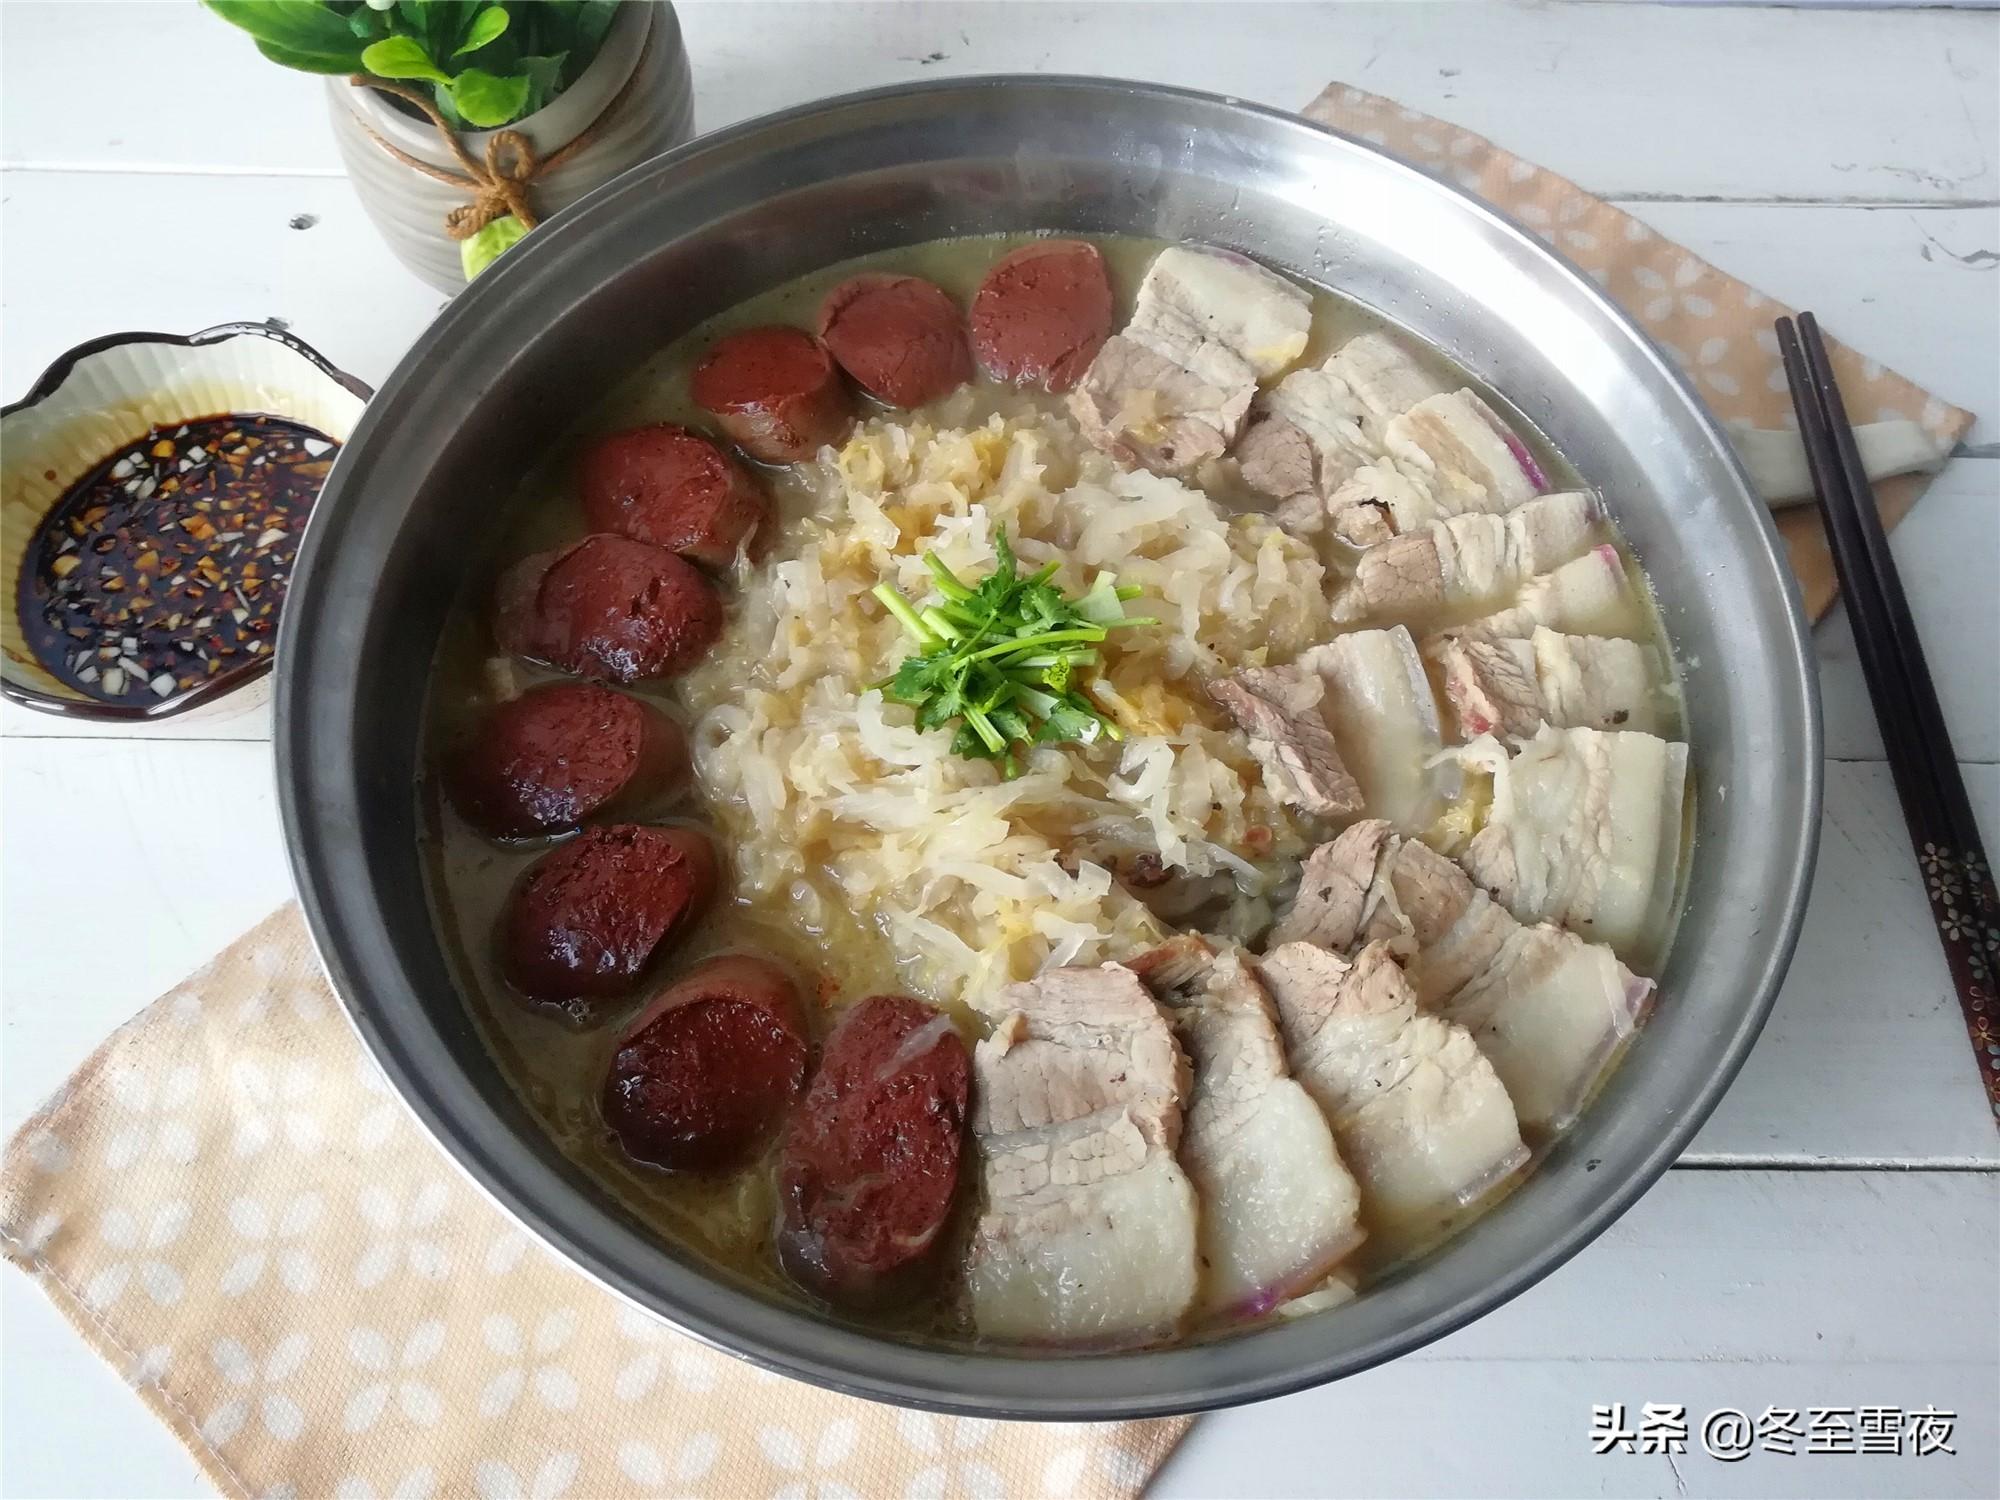 23道东北家常菜,吃了几十年都不腻,东北人都不一定全吃过 东北菜谱 第16张